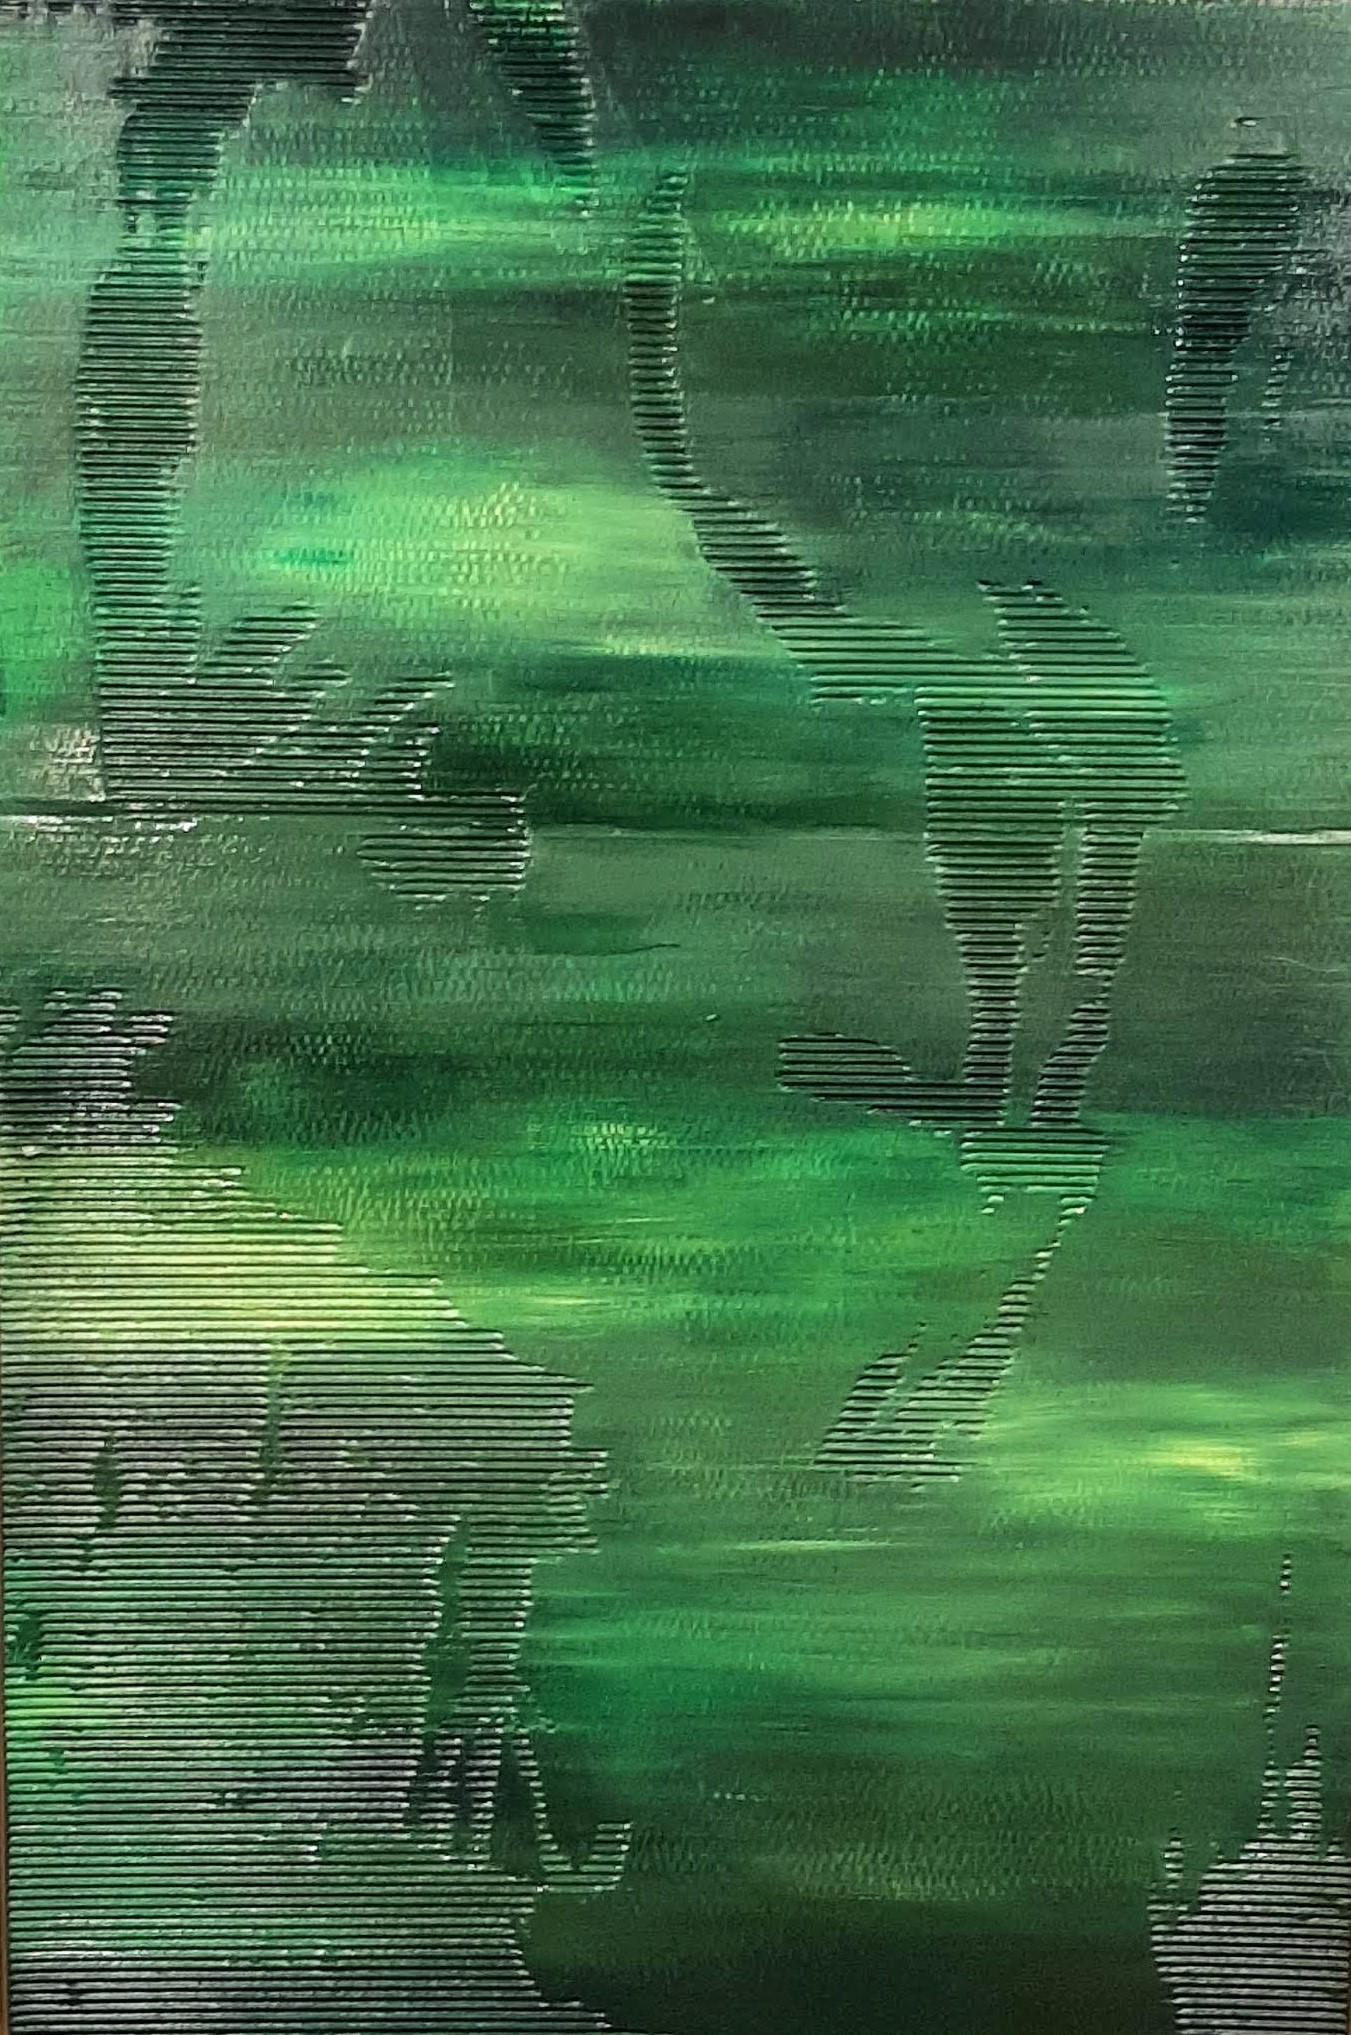 Kunst gemaakt in Atelier depARTure te Baarn door Inge Prins van Wijngaarden.